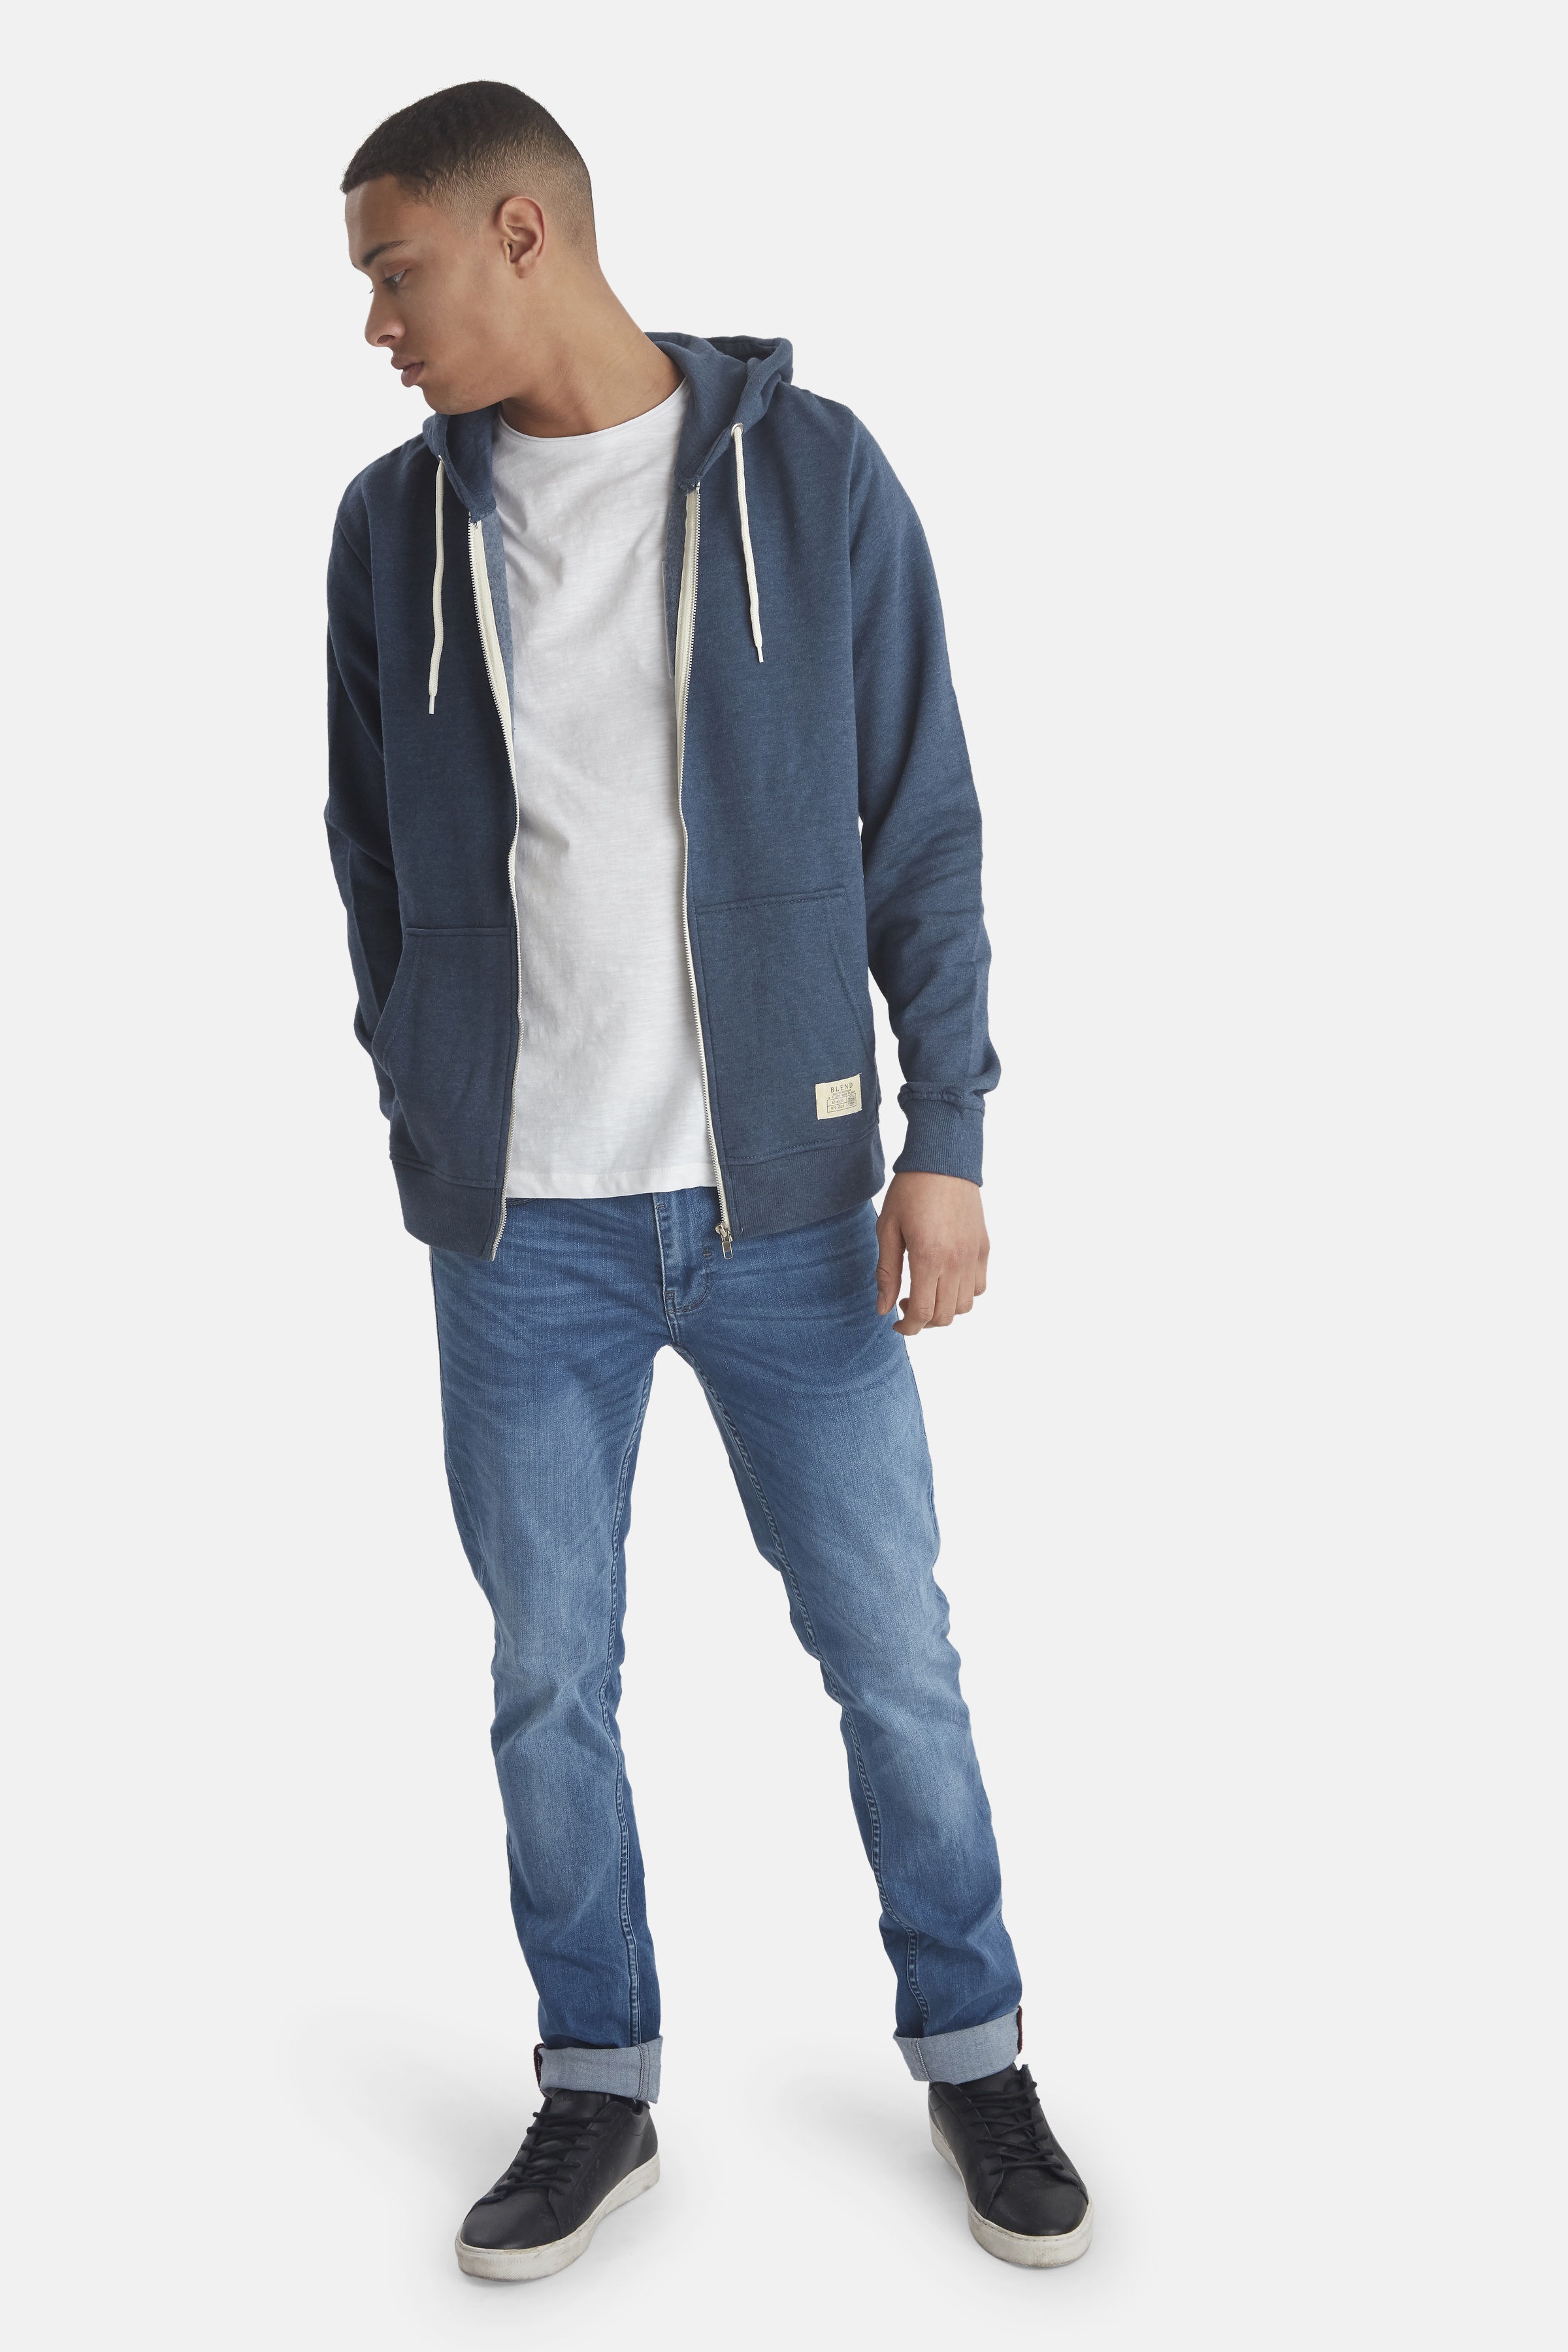 Ensign blue Sweatshirt – Køb Ensign blue Sweatshirt fra str. S-3XL her